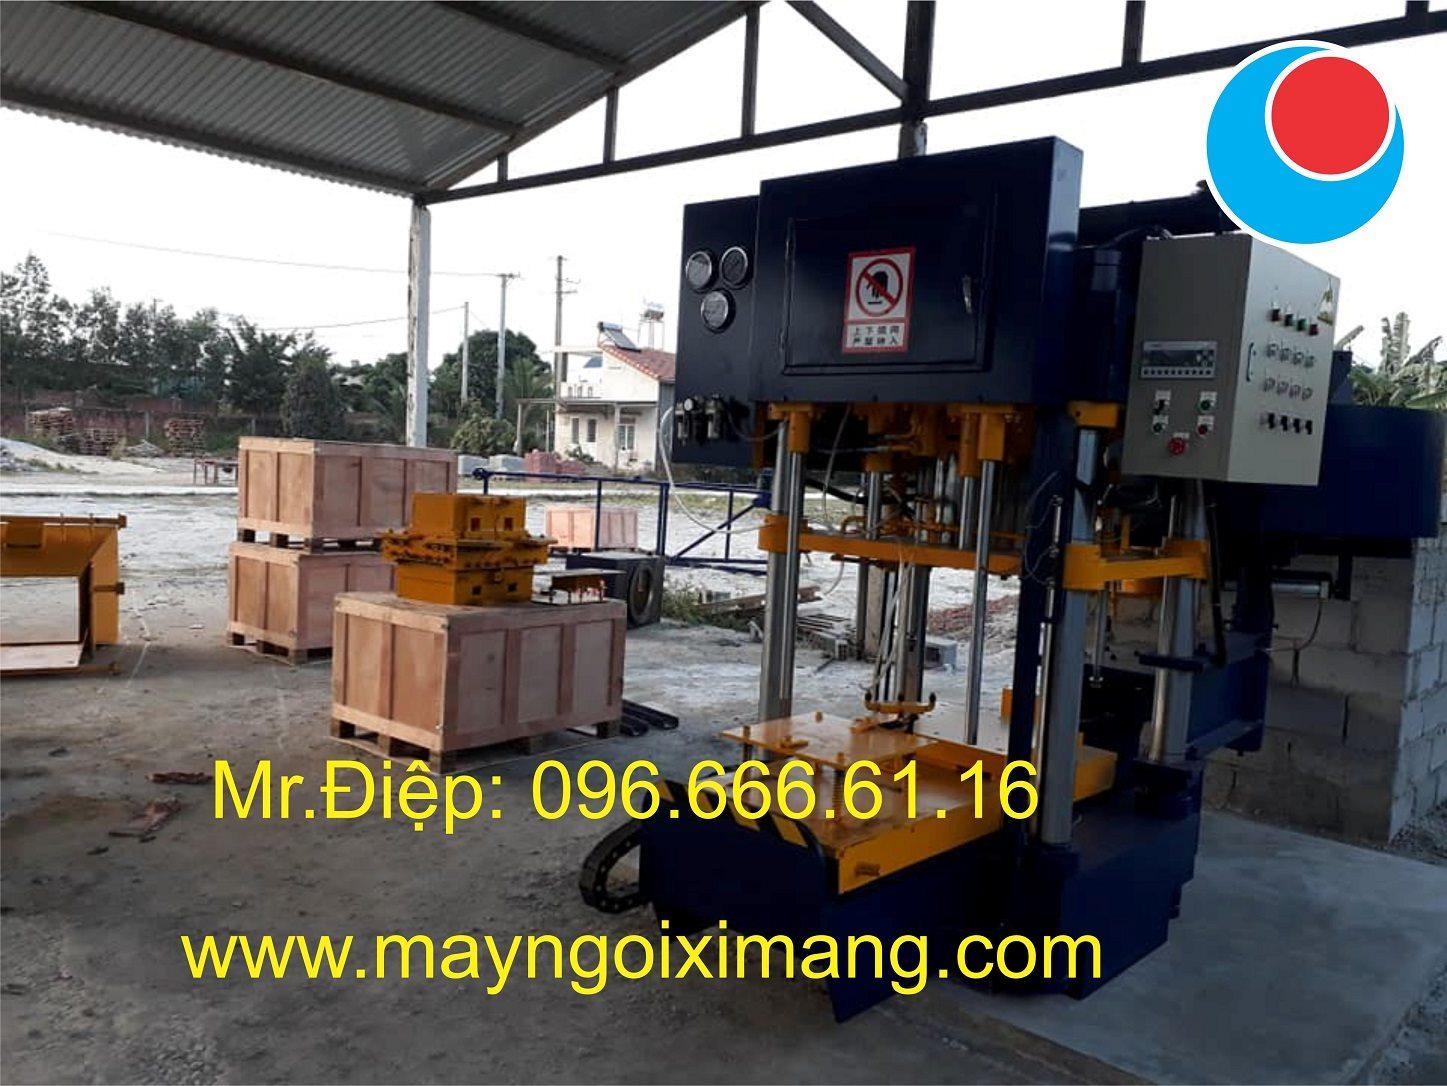 Lắp ráp máy sản xuất ngói màu cao cấp tháng 052019